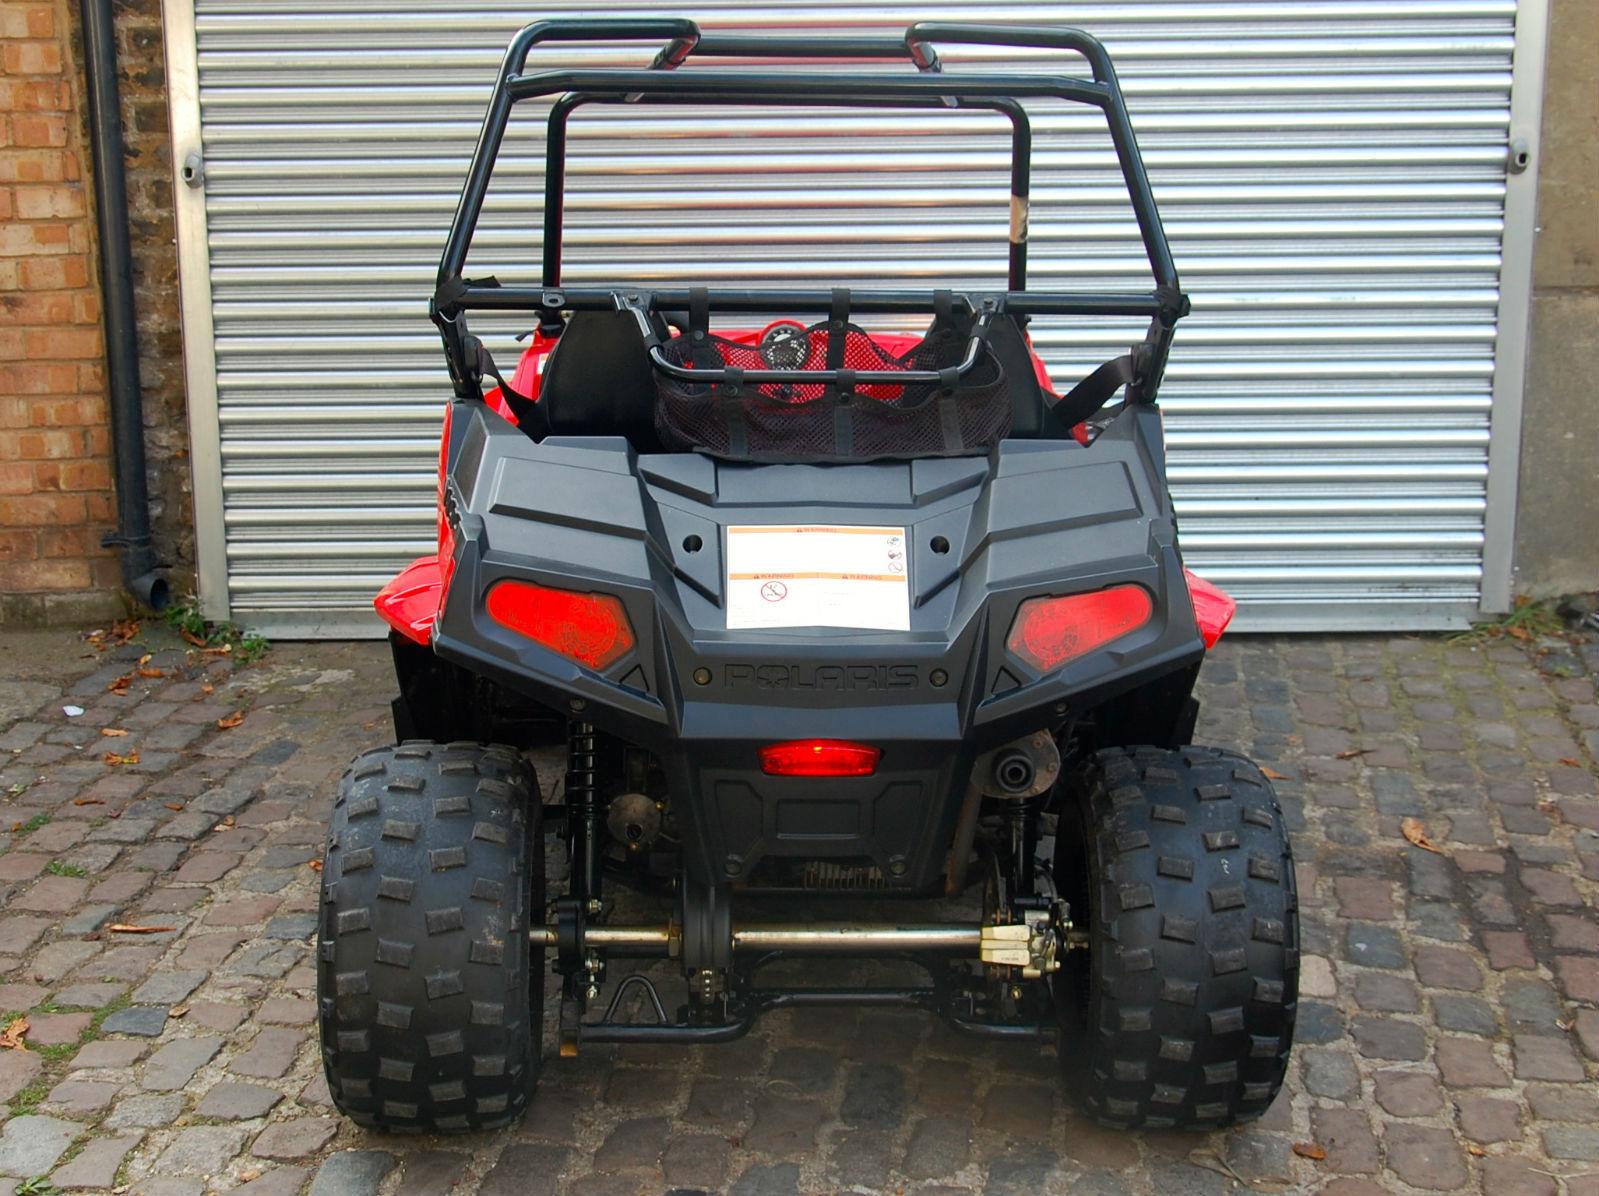 Polaris Rzr 170 Buggy Atv Quad